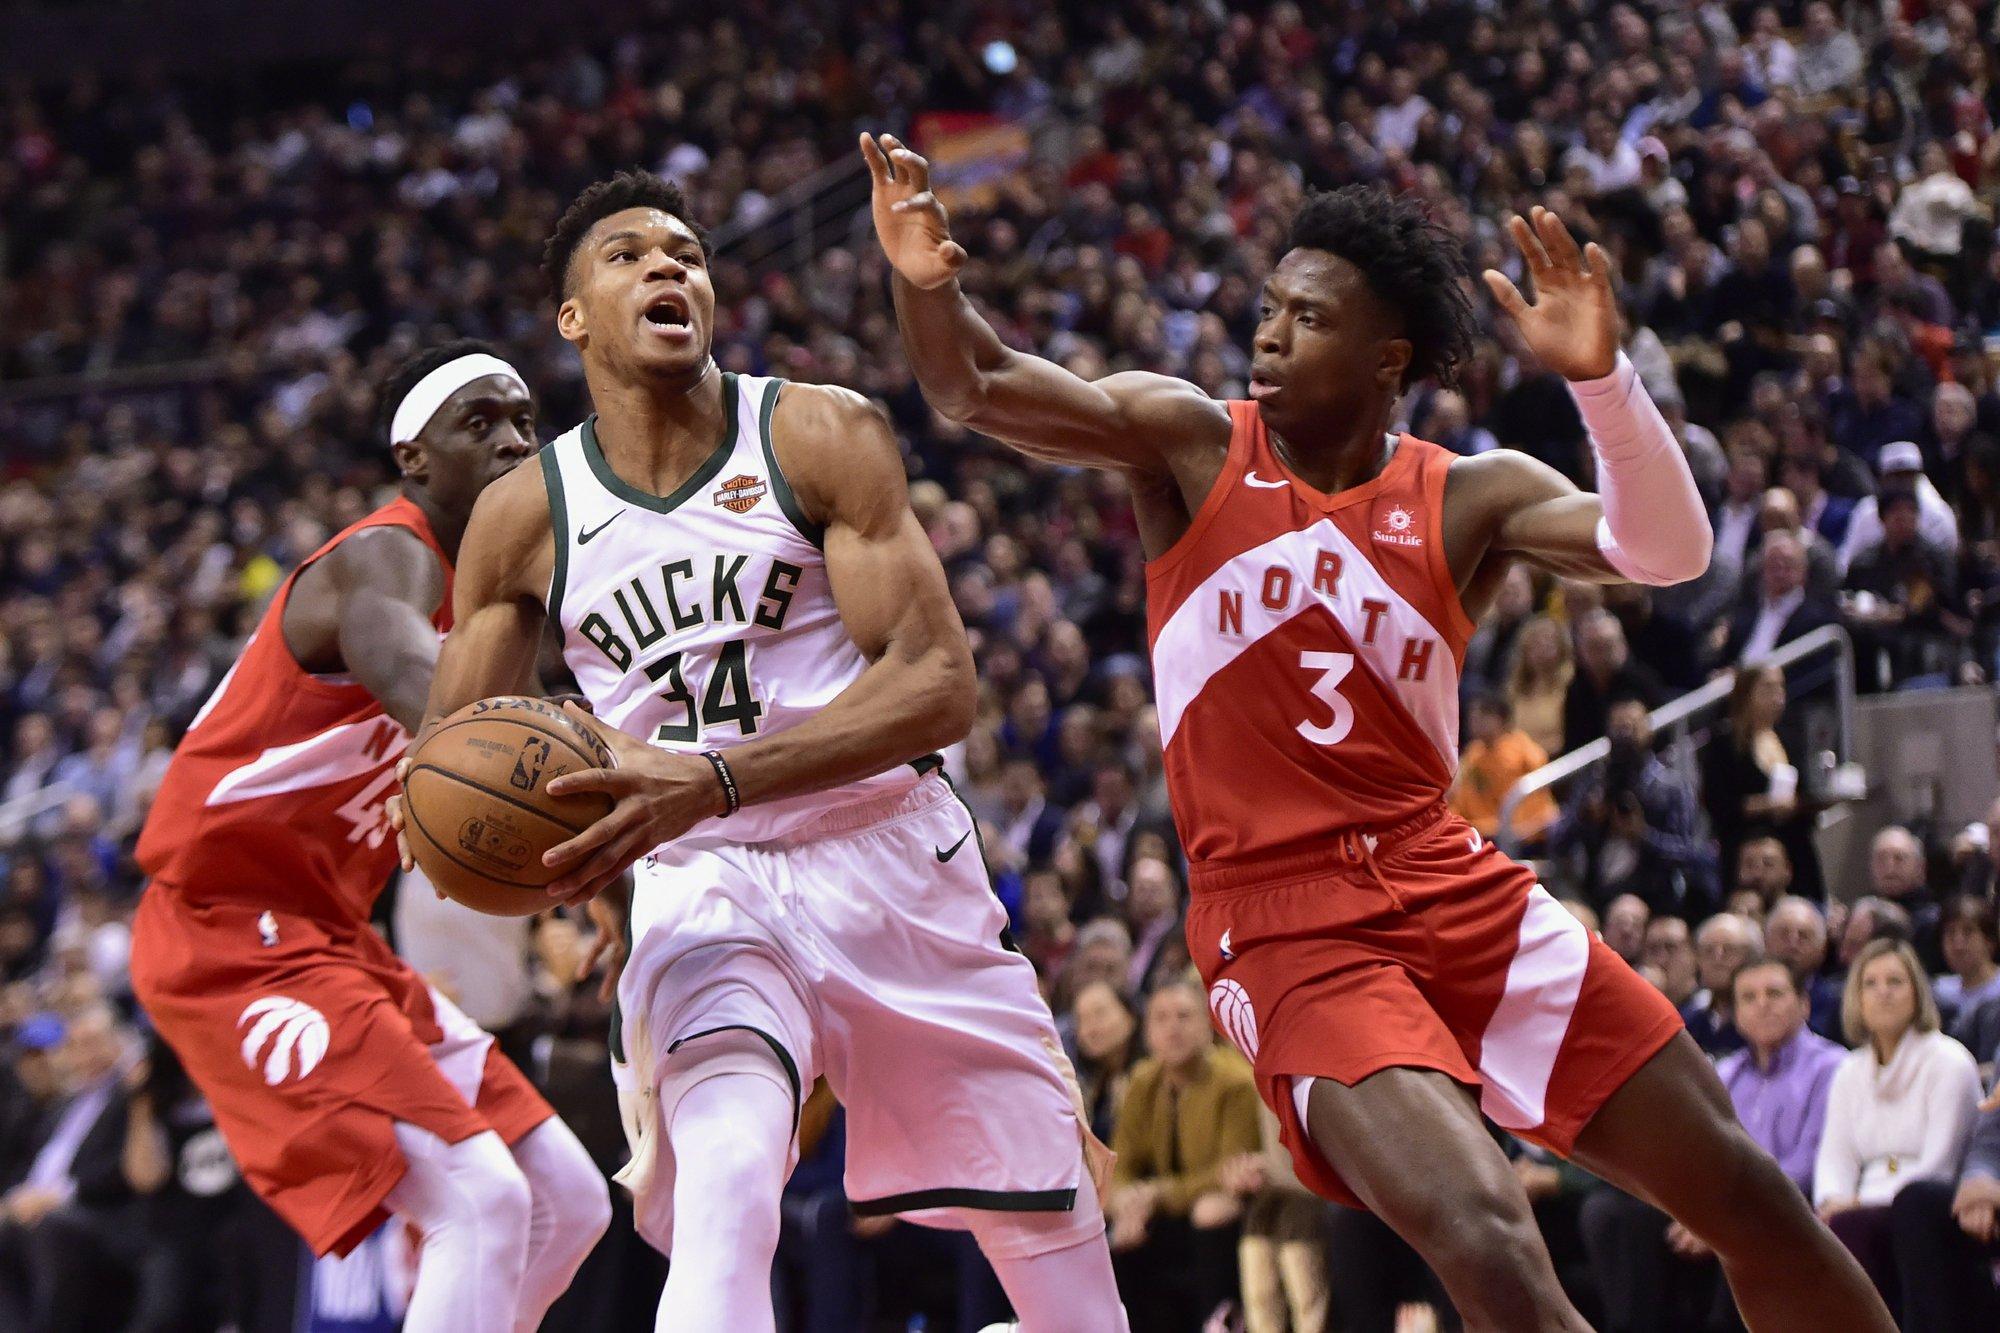 Antetokounmpo scores 19, Bucks beat Raptors 105-92